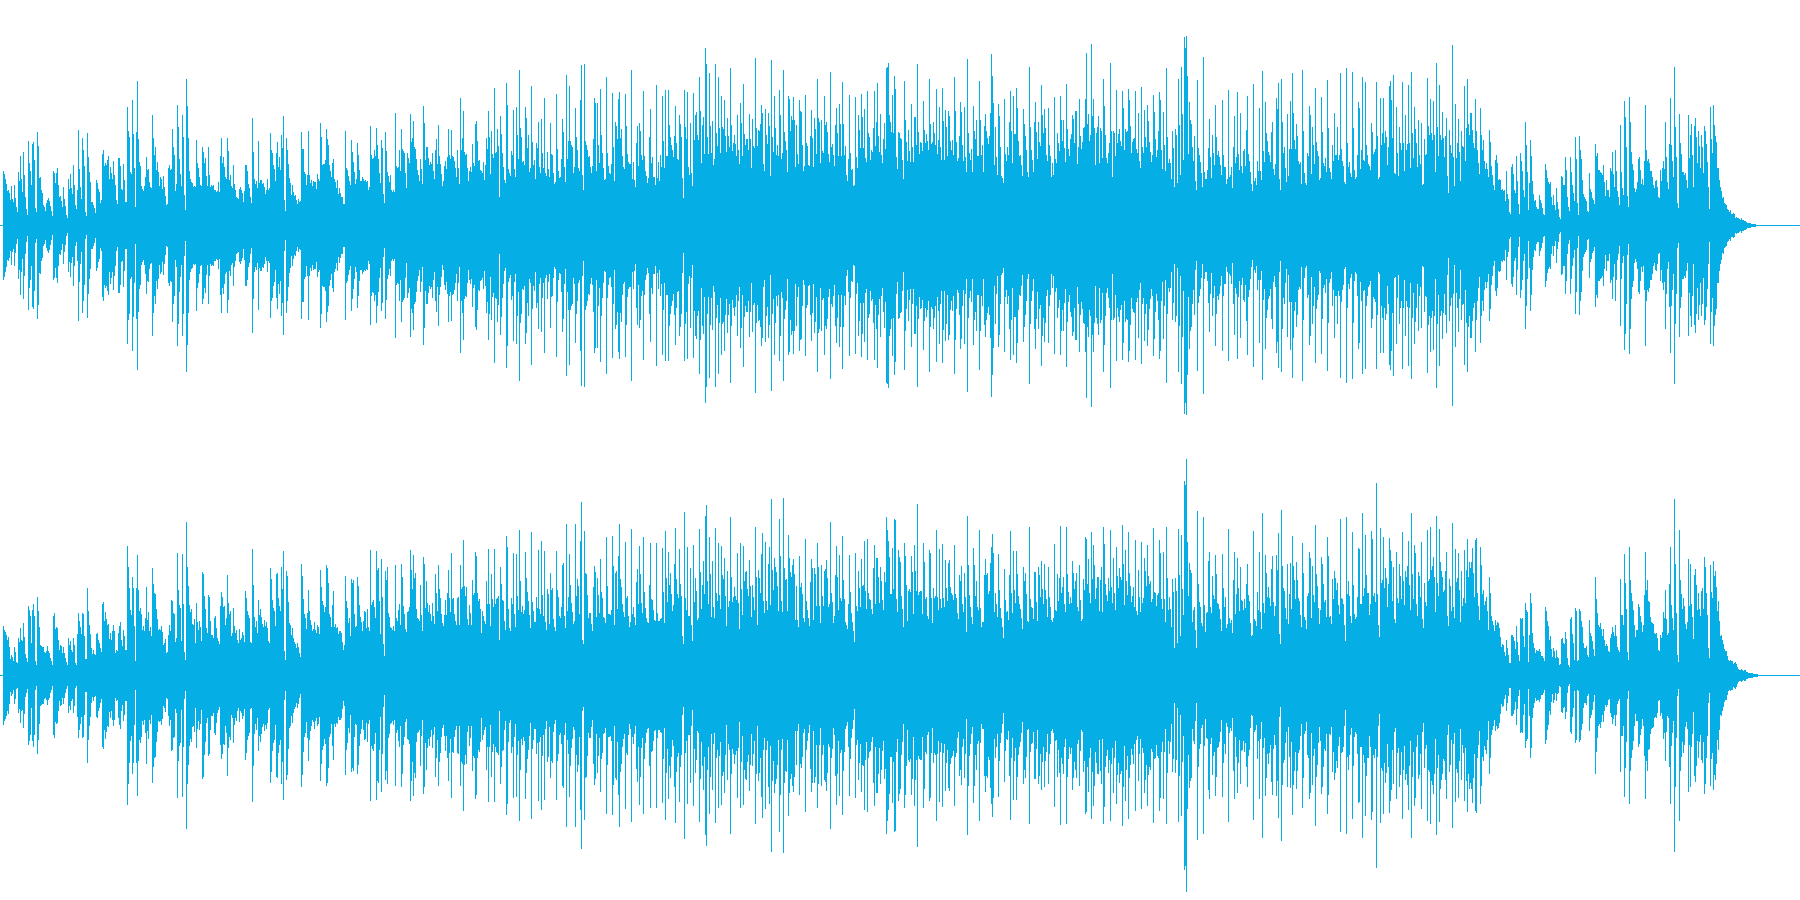 しっとりとした温かいストリングスの再生済みの波形